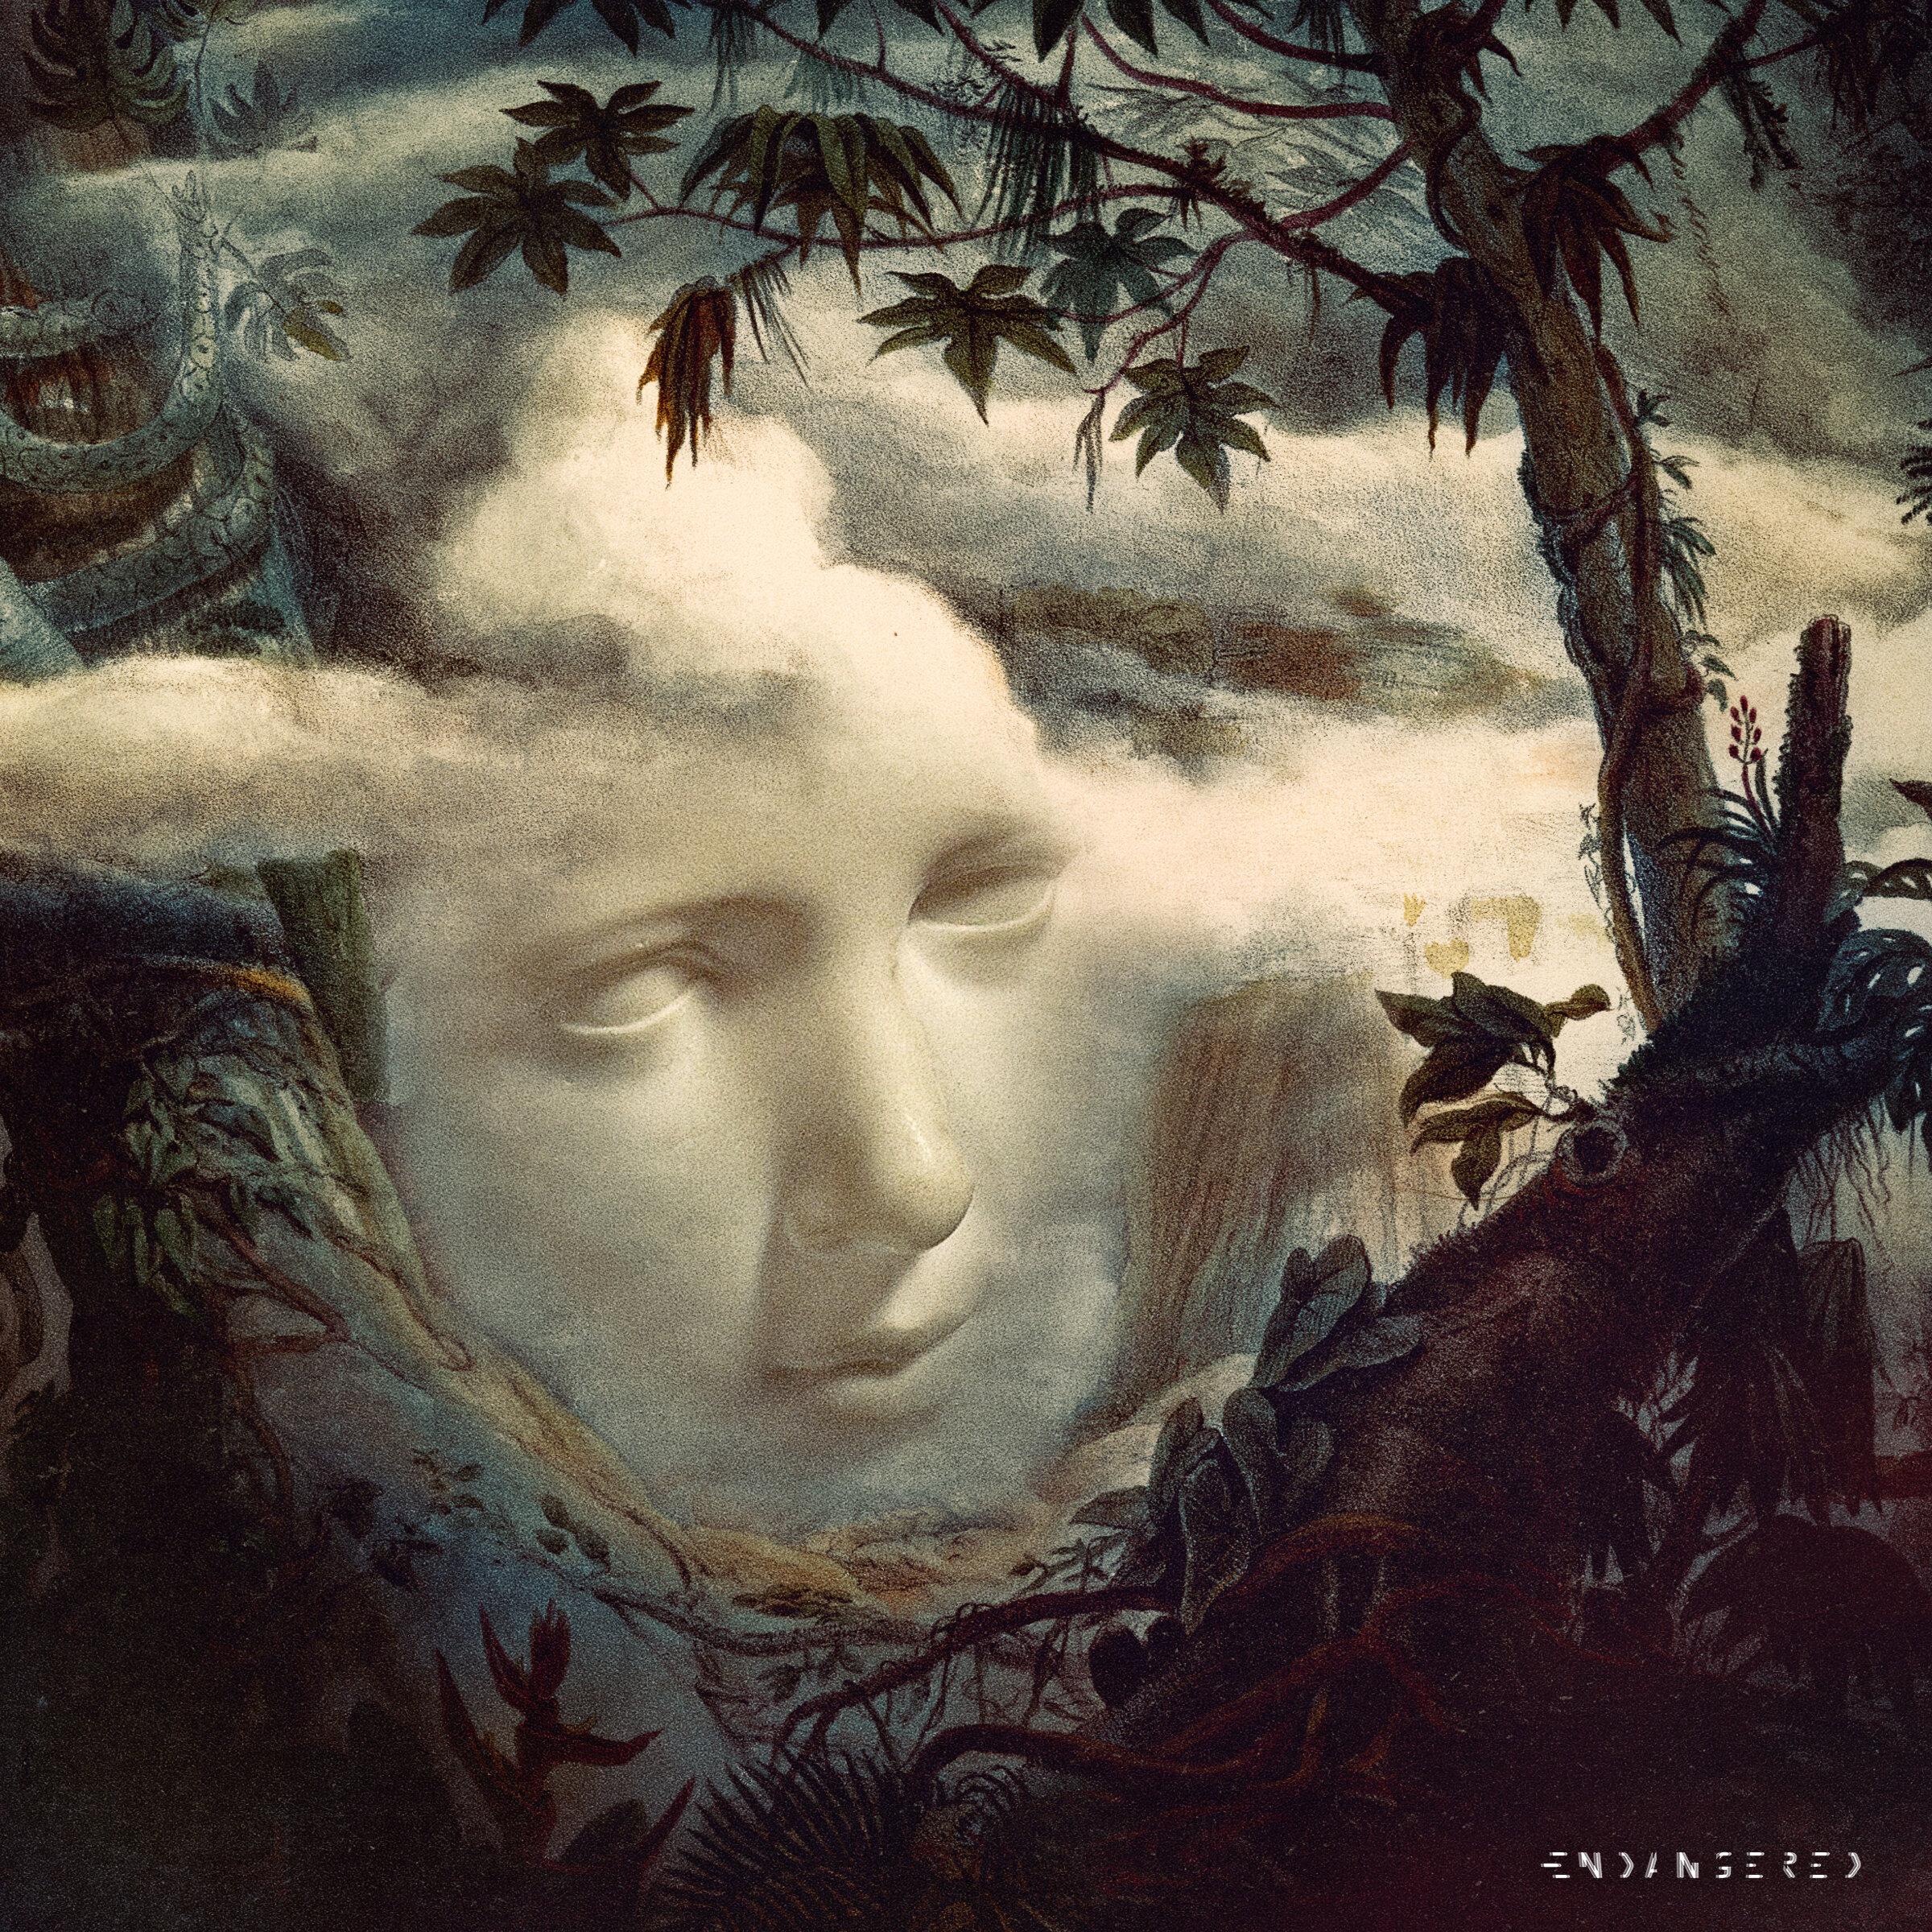 Endangered - 009 - Cover.jpg